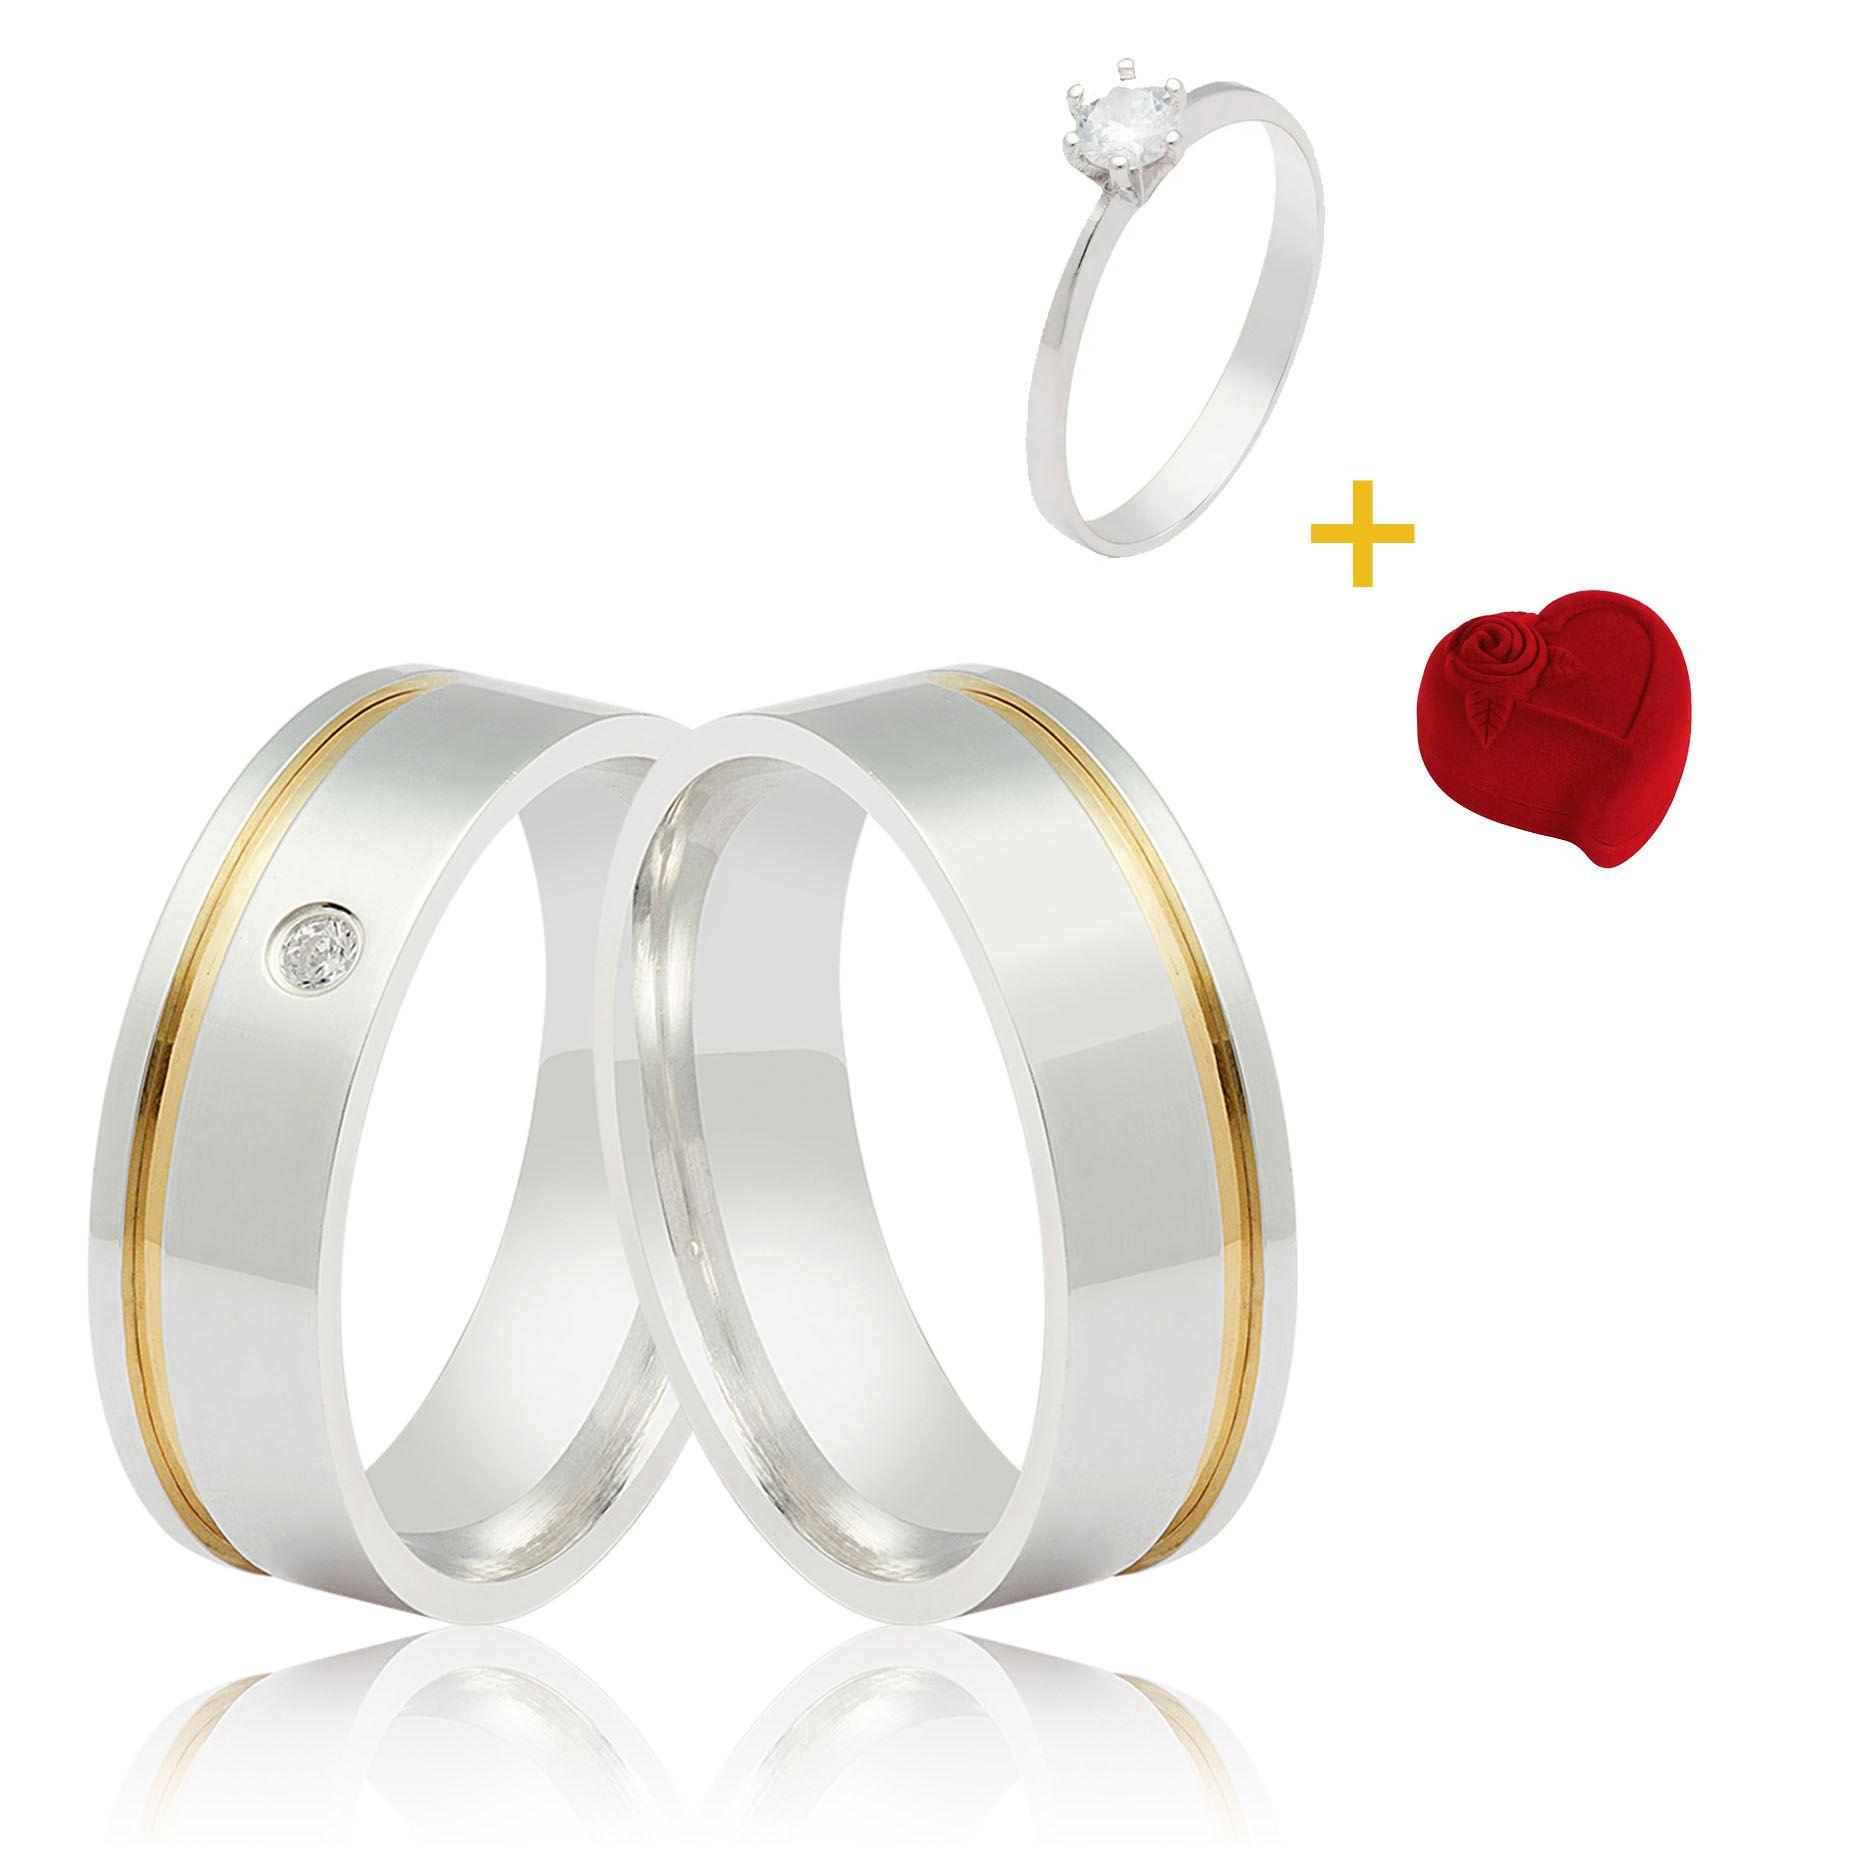 COMBO NAMORADOS Aliança de Namoro  Prata Filete Ouro + Anel Solitário + Caixinha Luxo